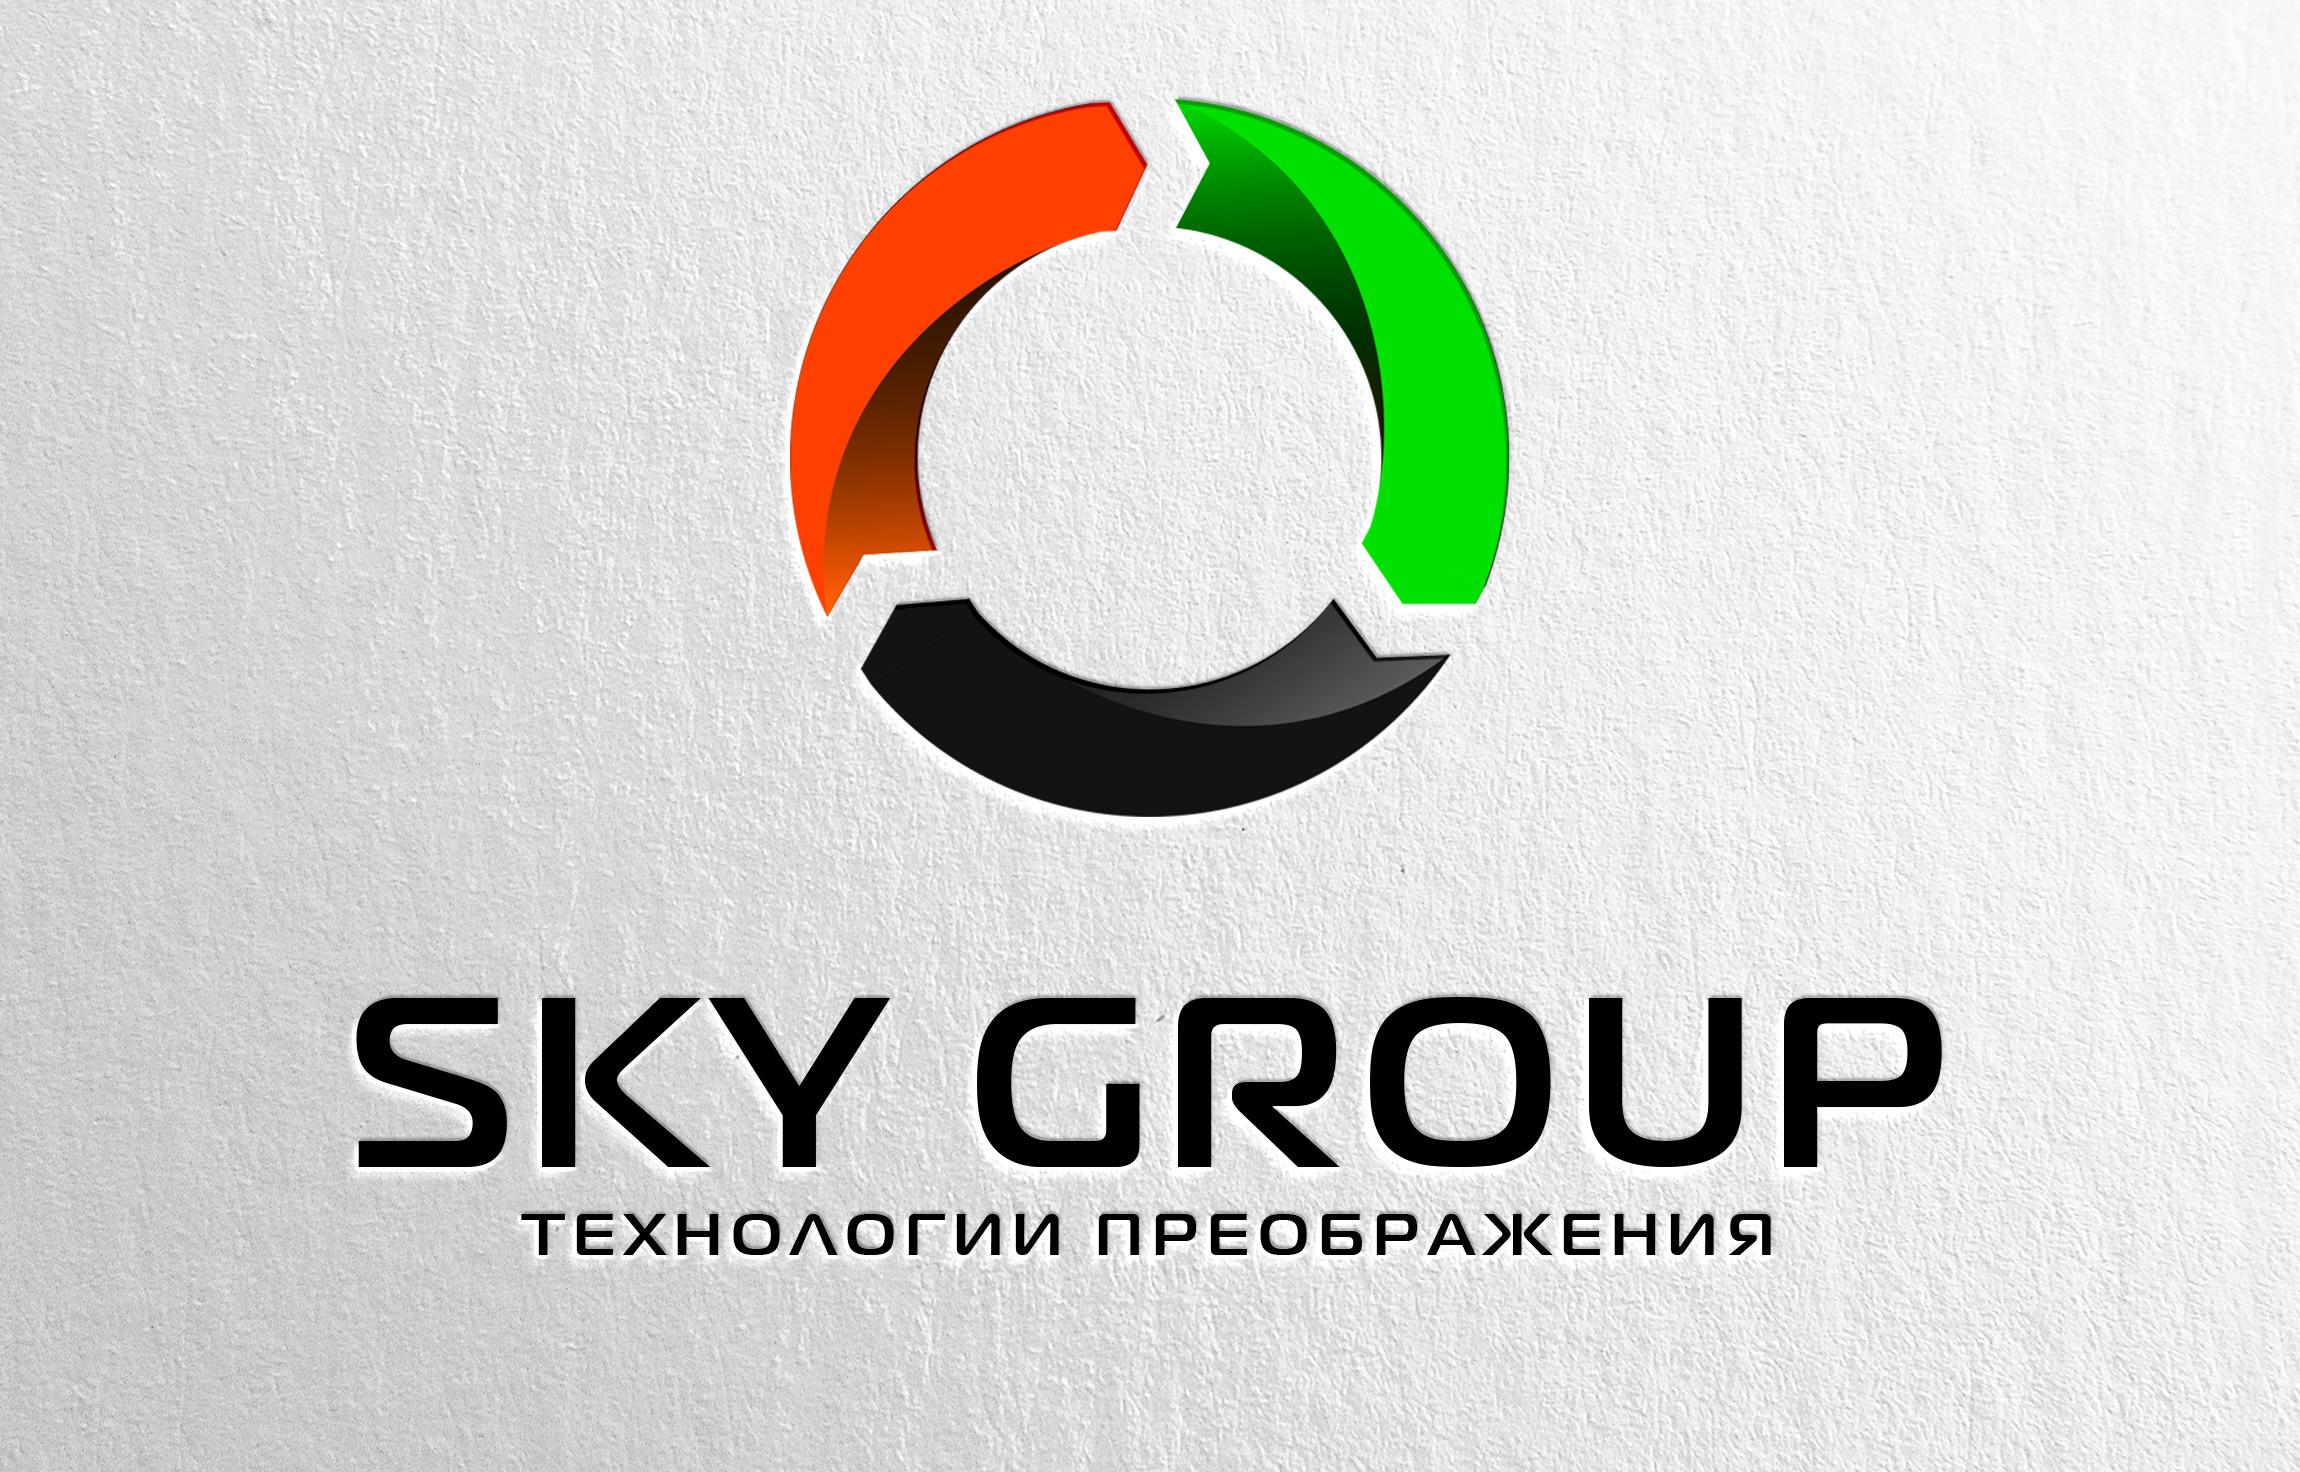 Новый логотип для производственной компании фото f_8175a8997437cc43.jpg